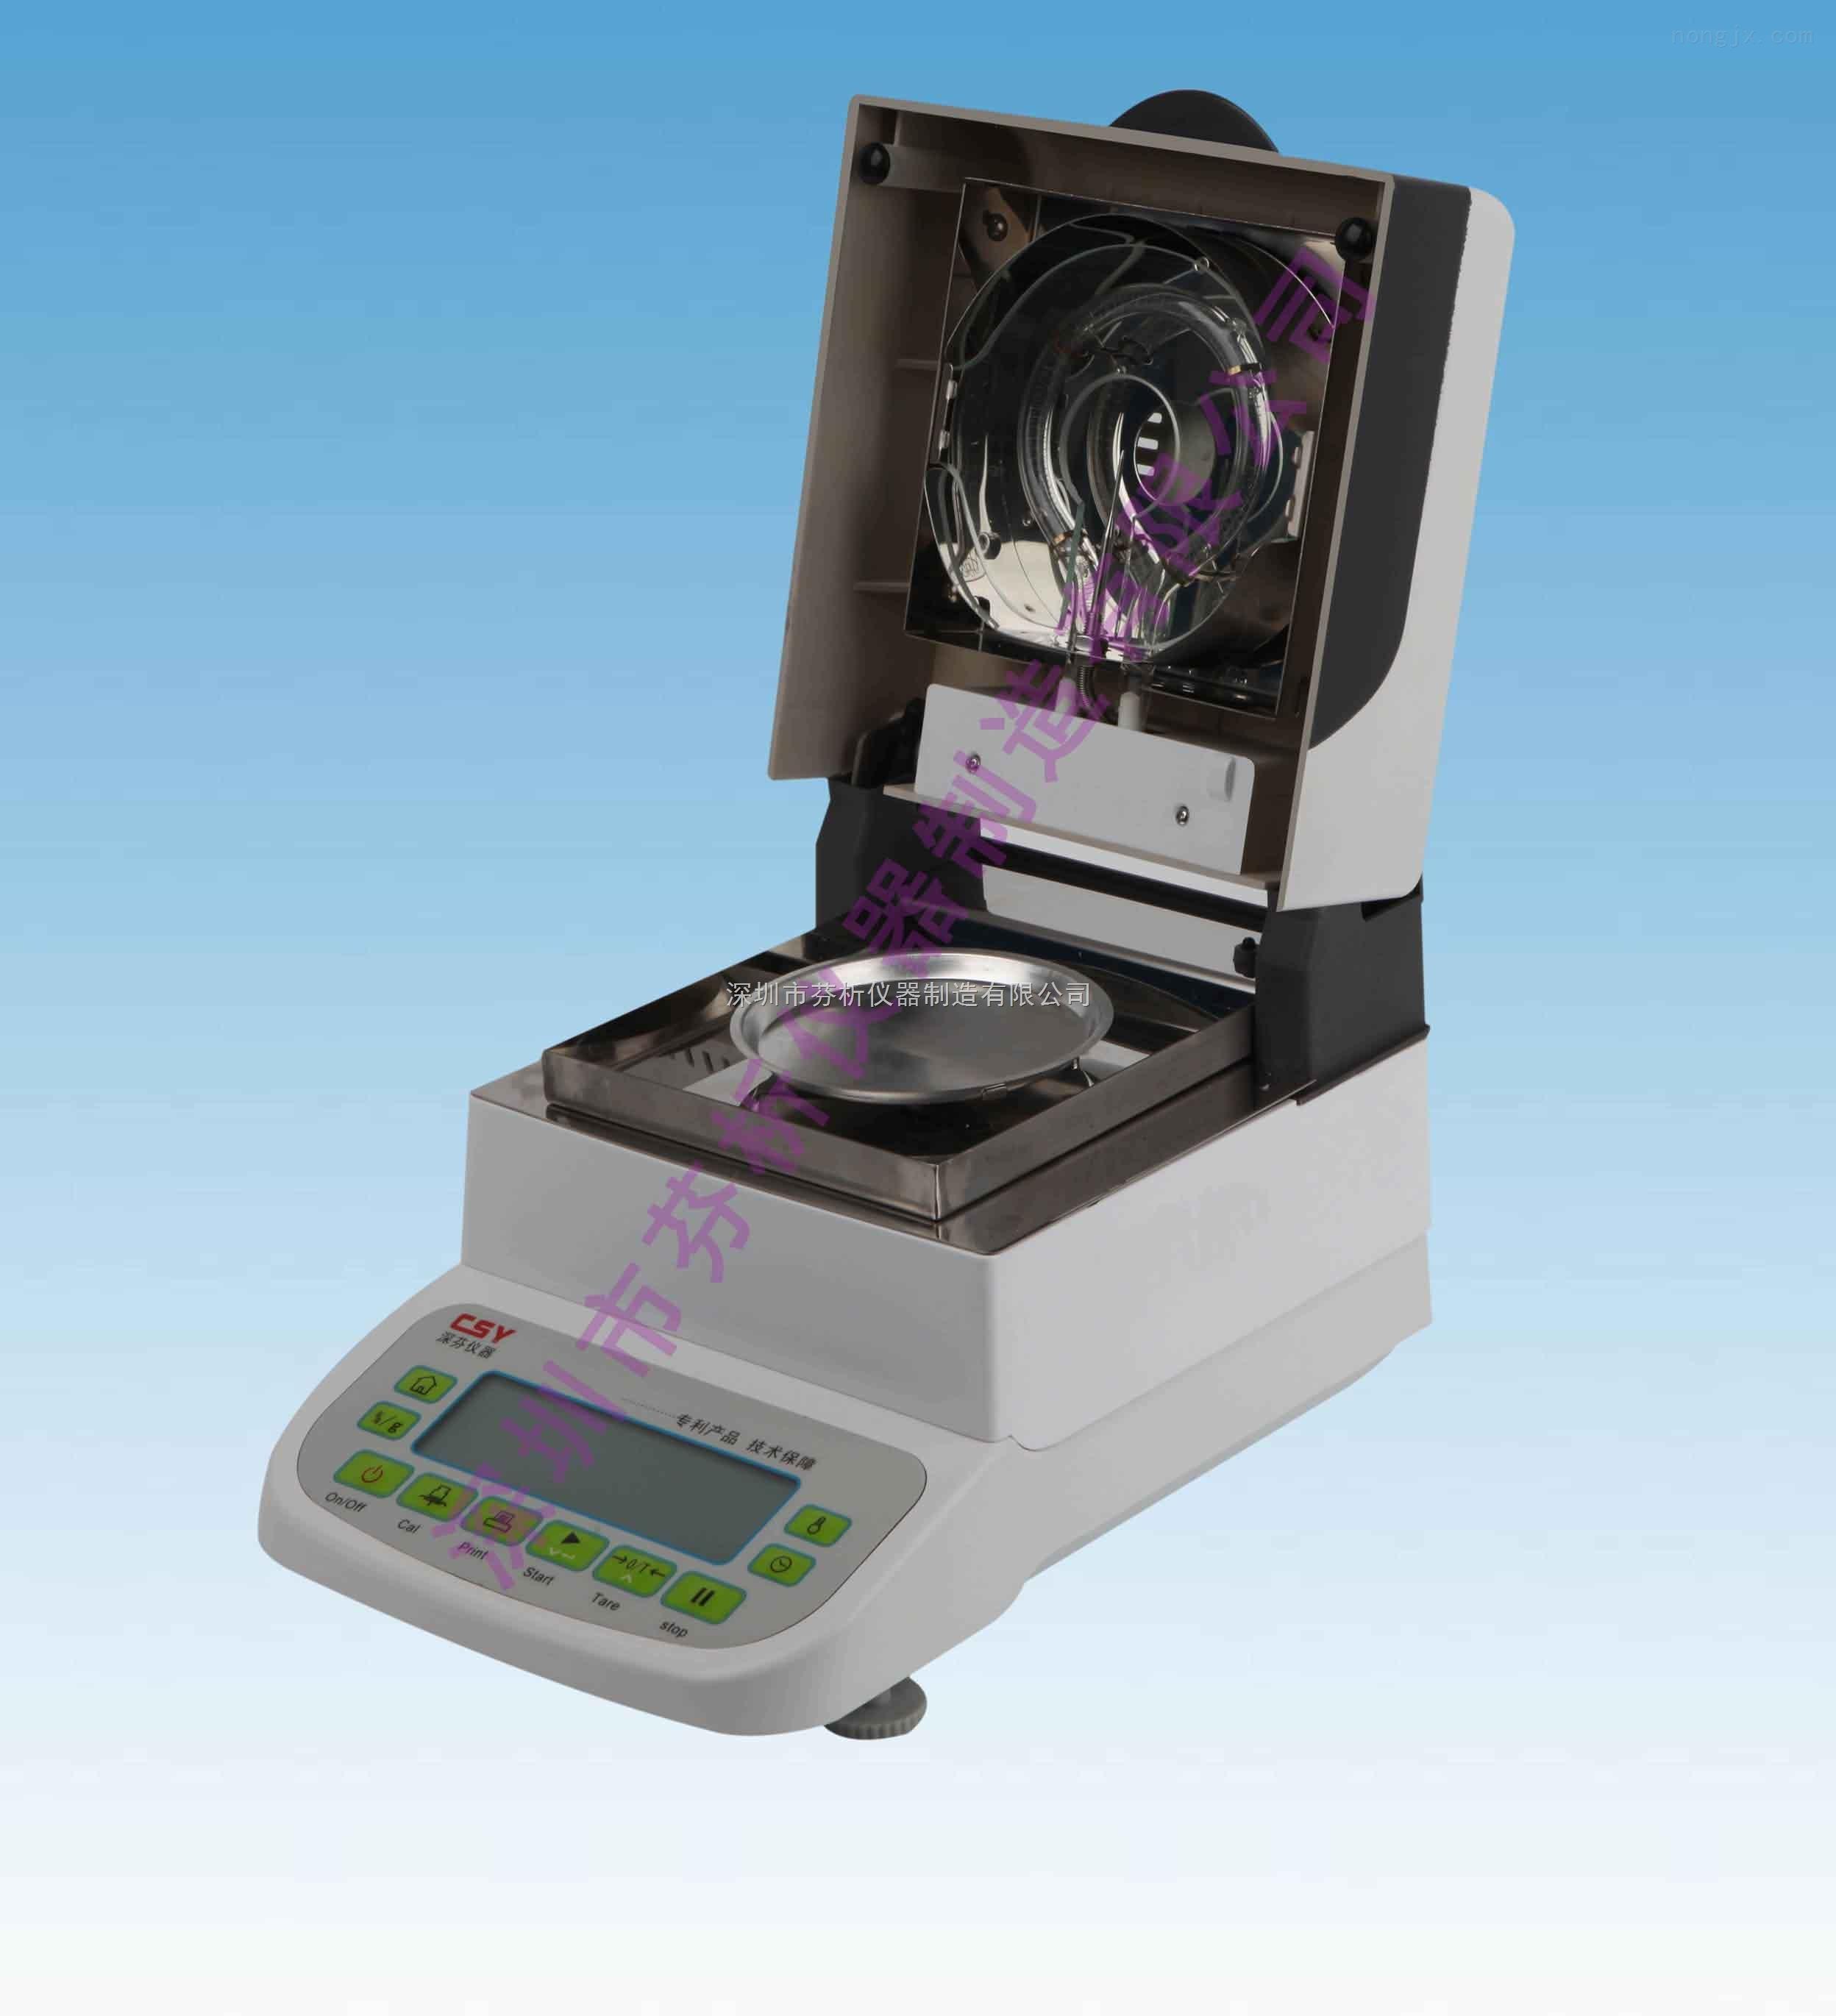 茶饼(茶叶)水分测定仪